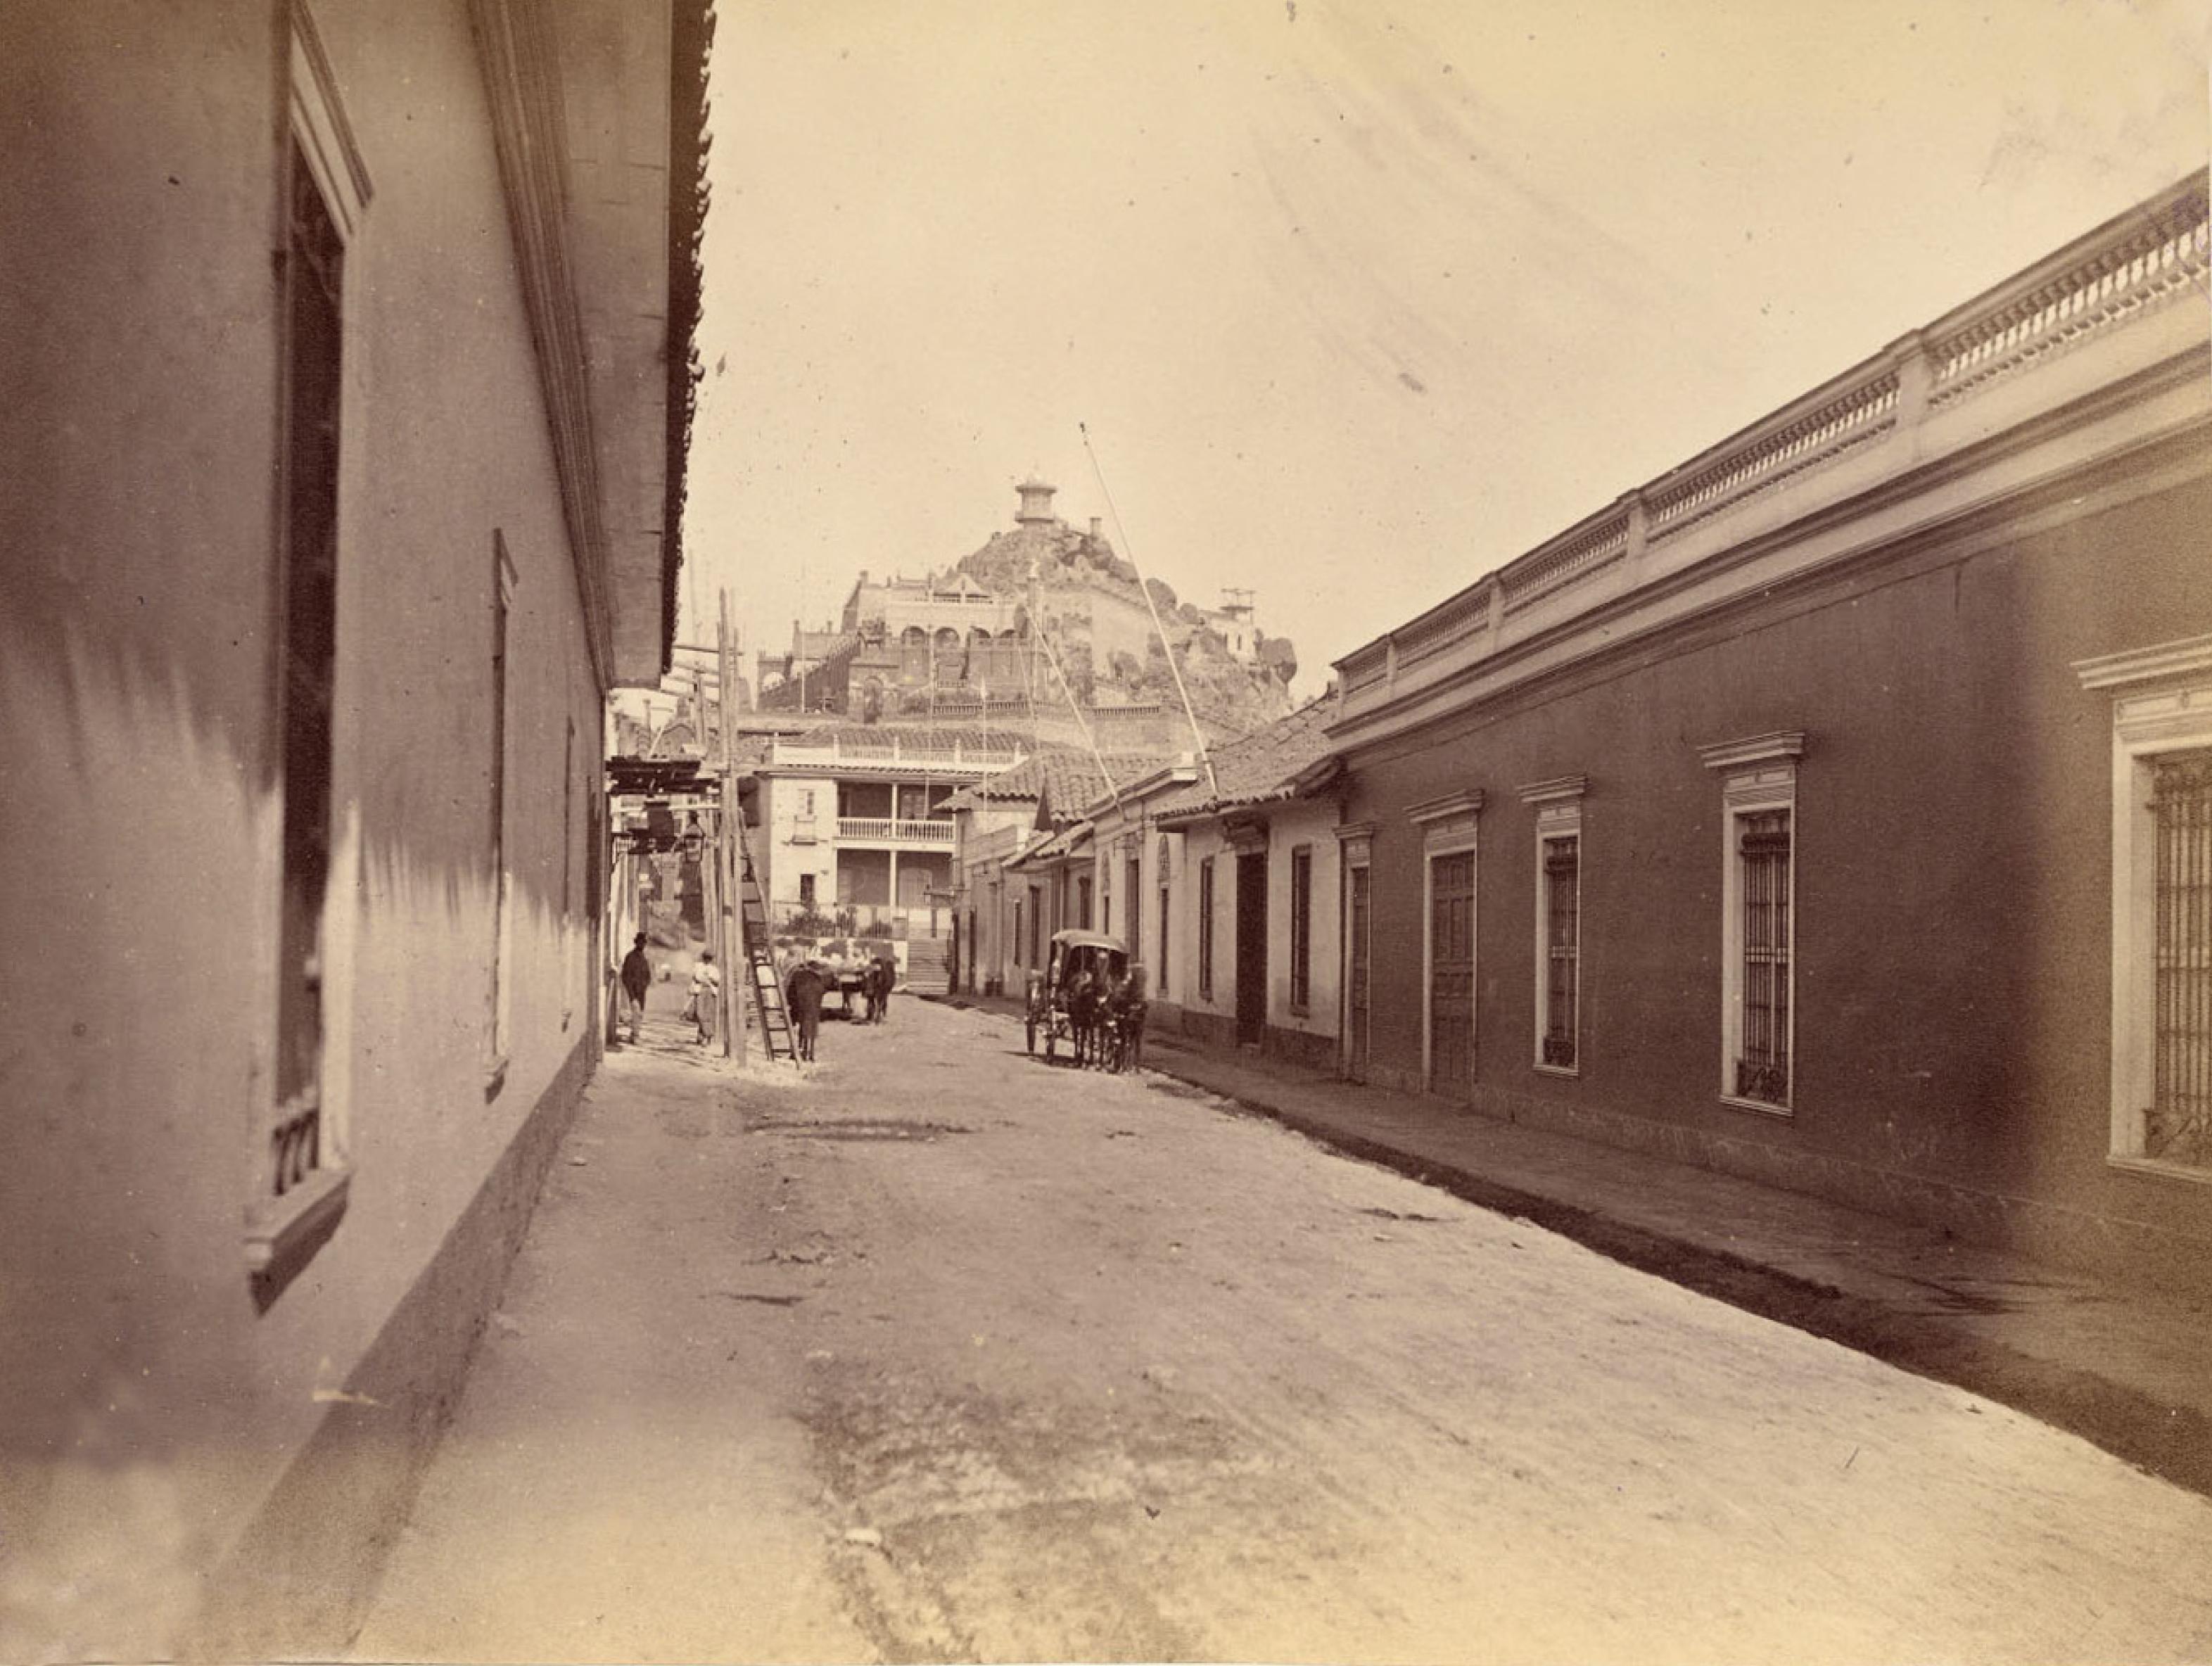 Enterreno - Fotos históricas de chile - fotos antiguas de Chile - Cerro Santa Lucía